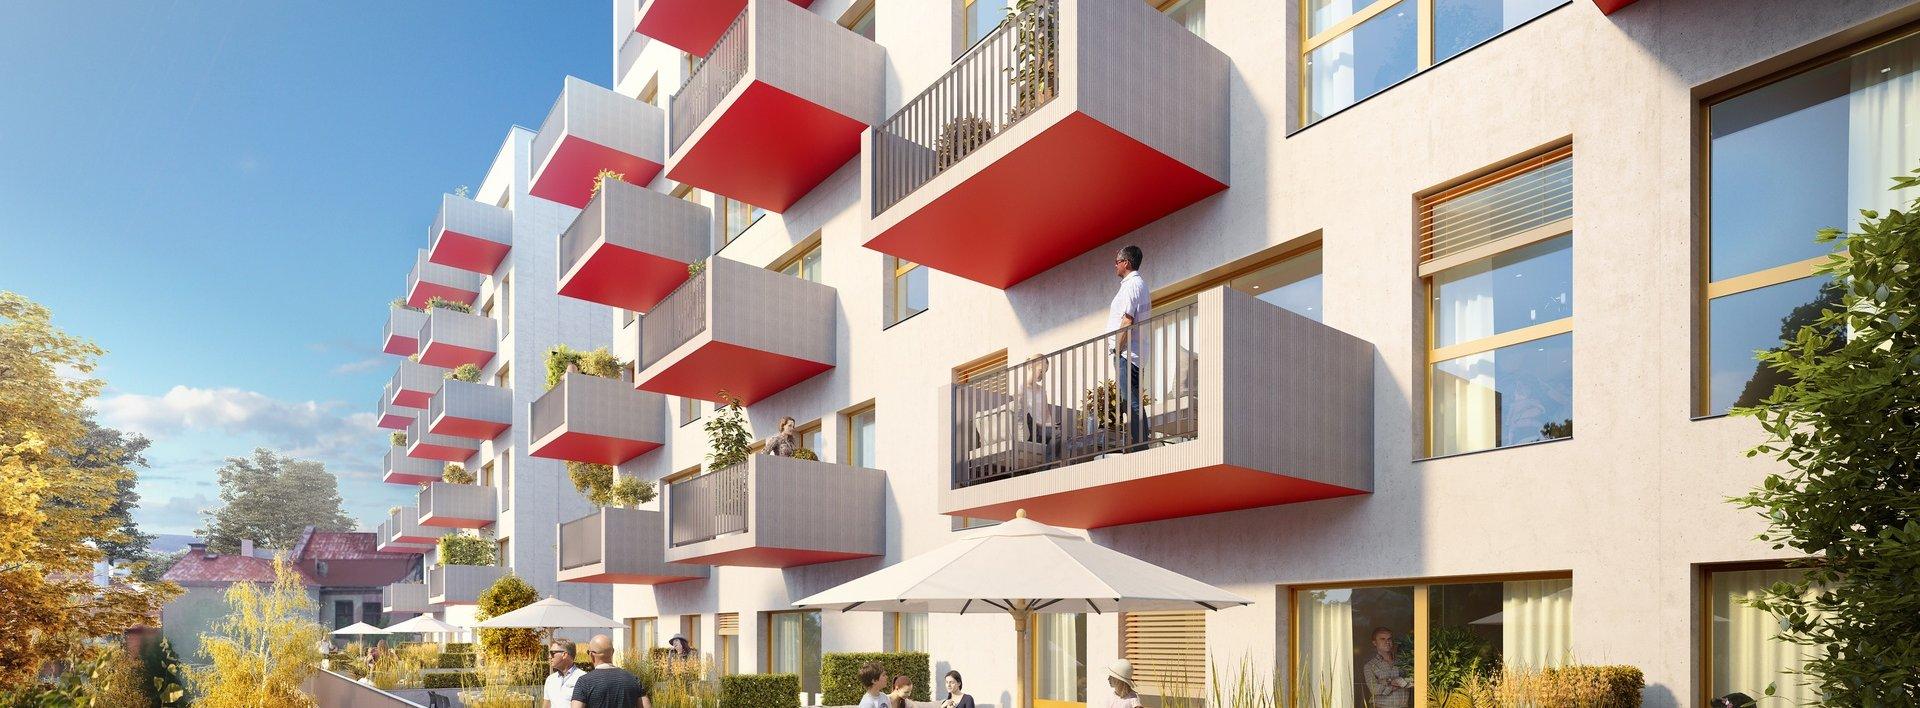 Jižní byt 3+kk v centru Liberce, Ev.č.: N48435